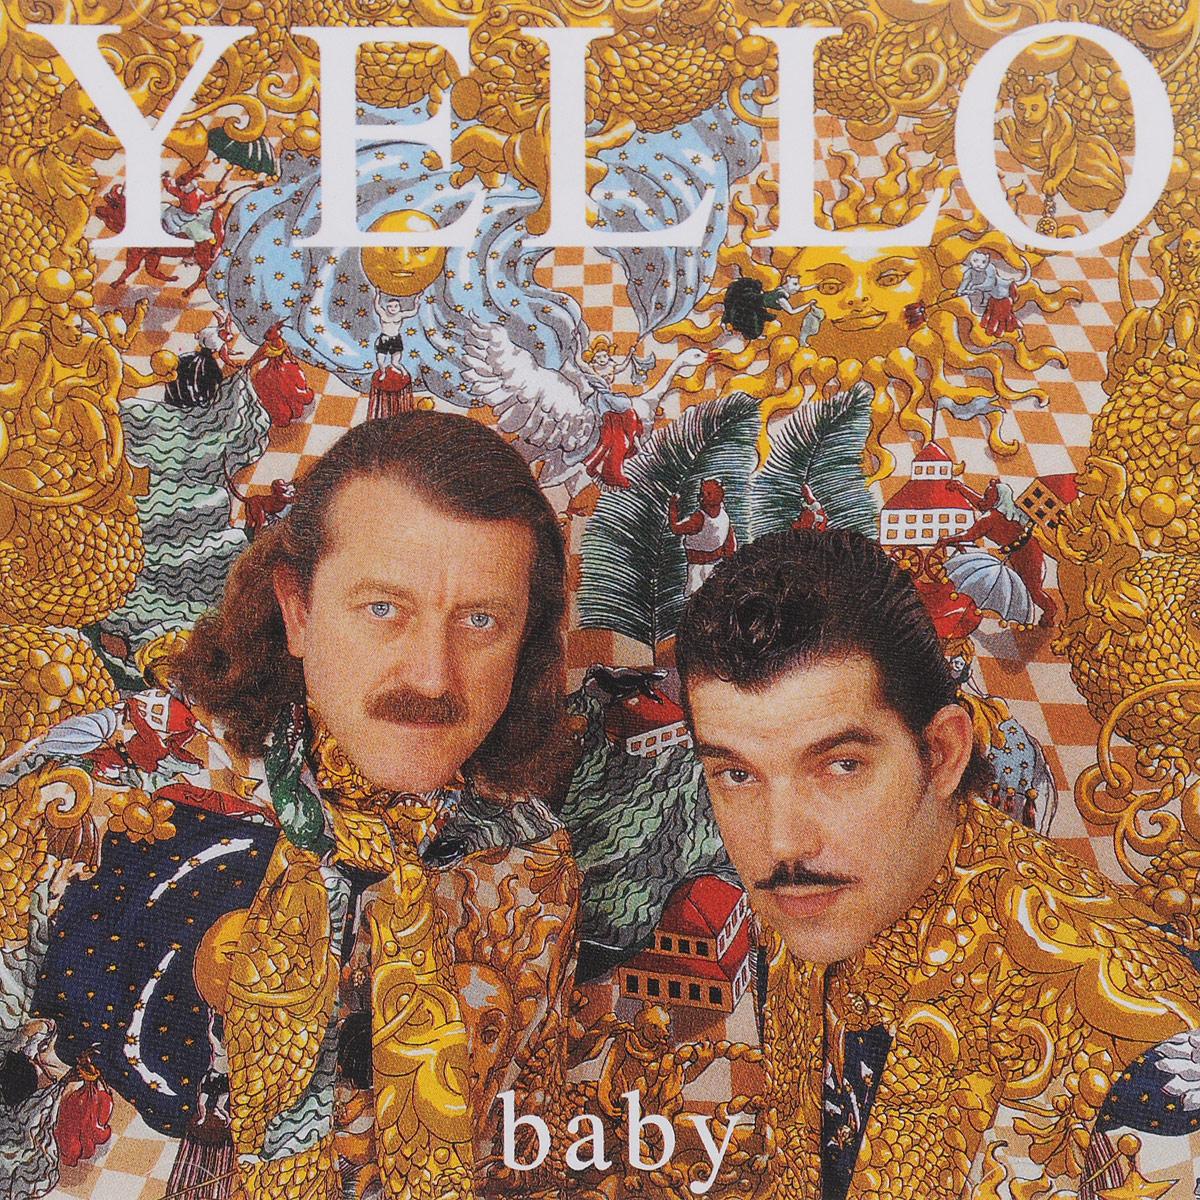 Yello. Baby